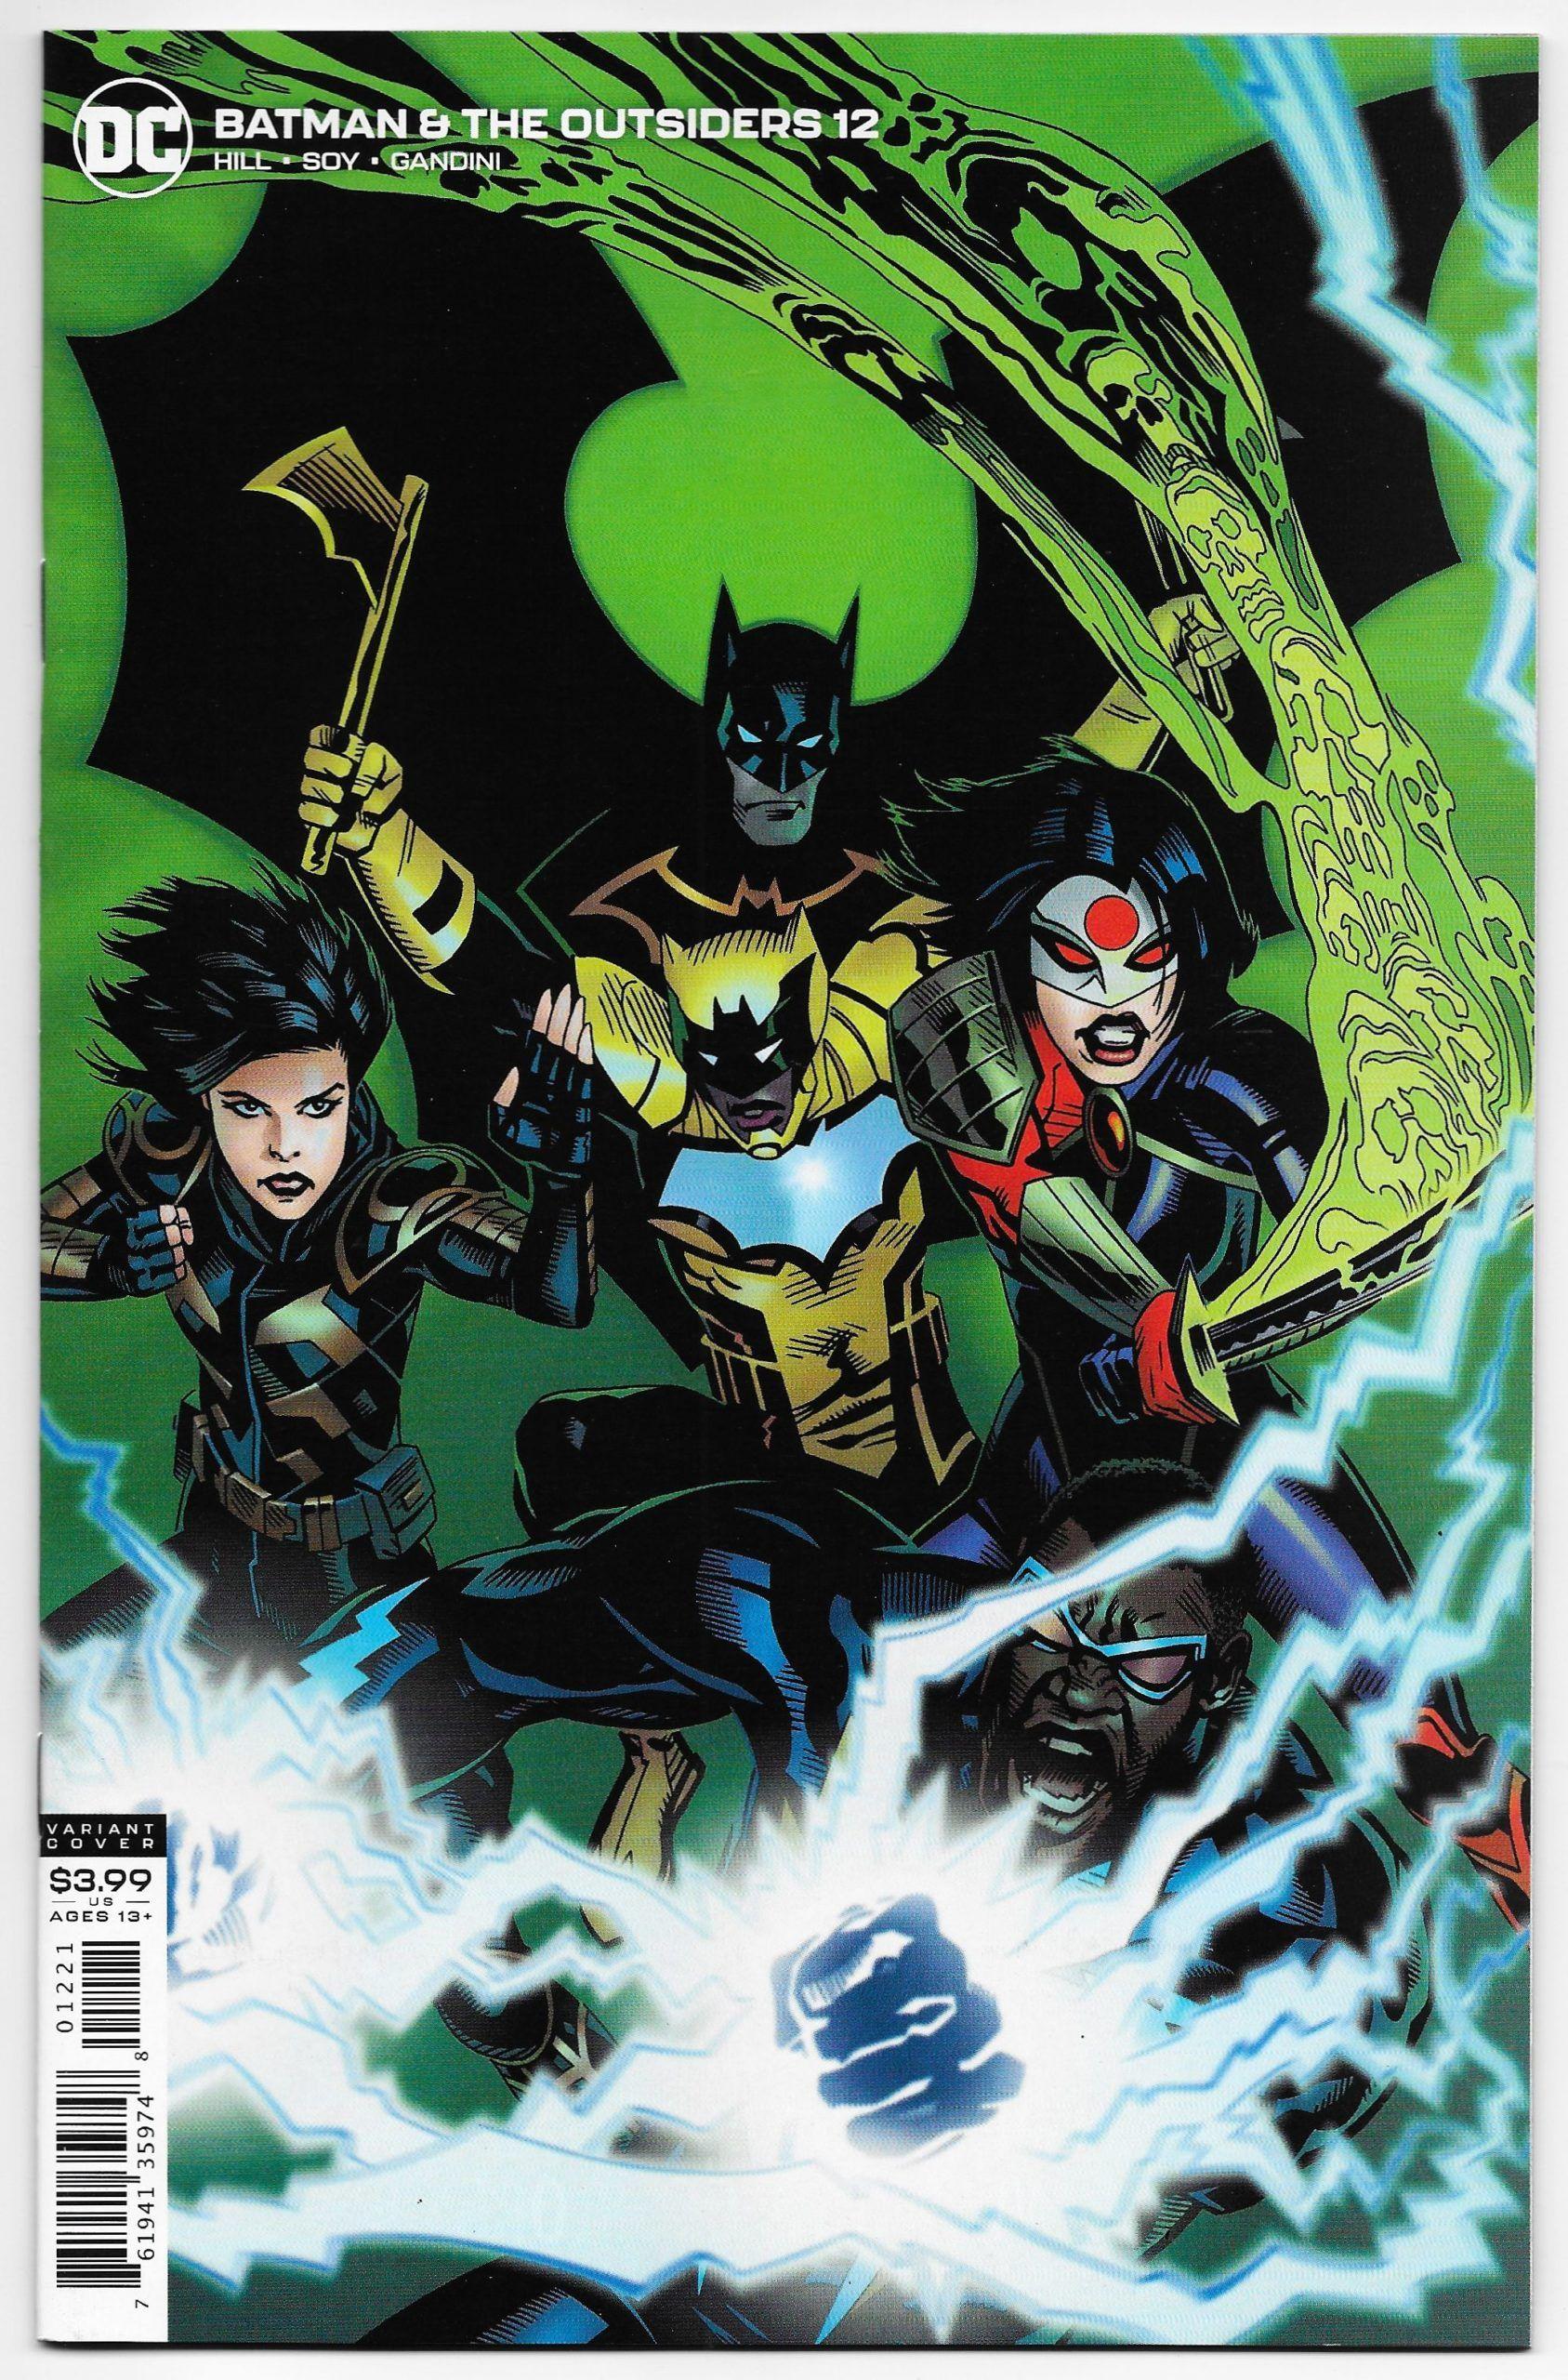 Batman And The Outsiders 12 Michael Golden Variant Dc 2020 Nm Batman Comics Dc Comics